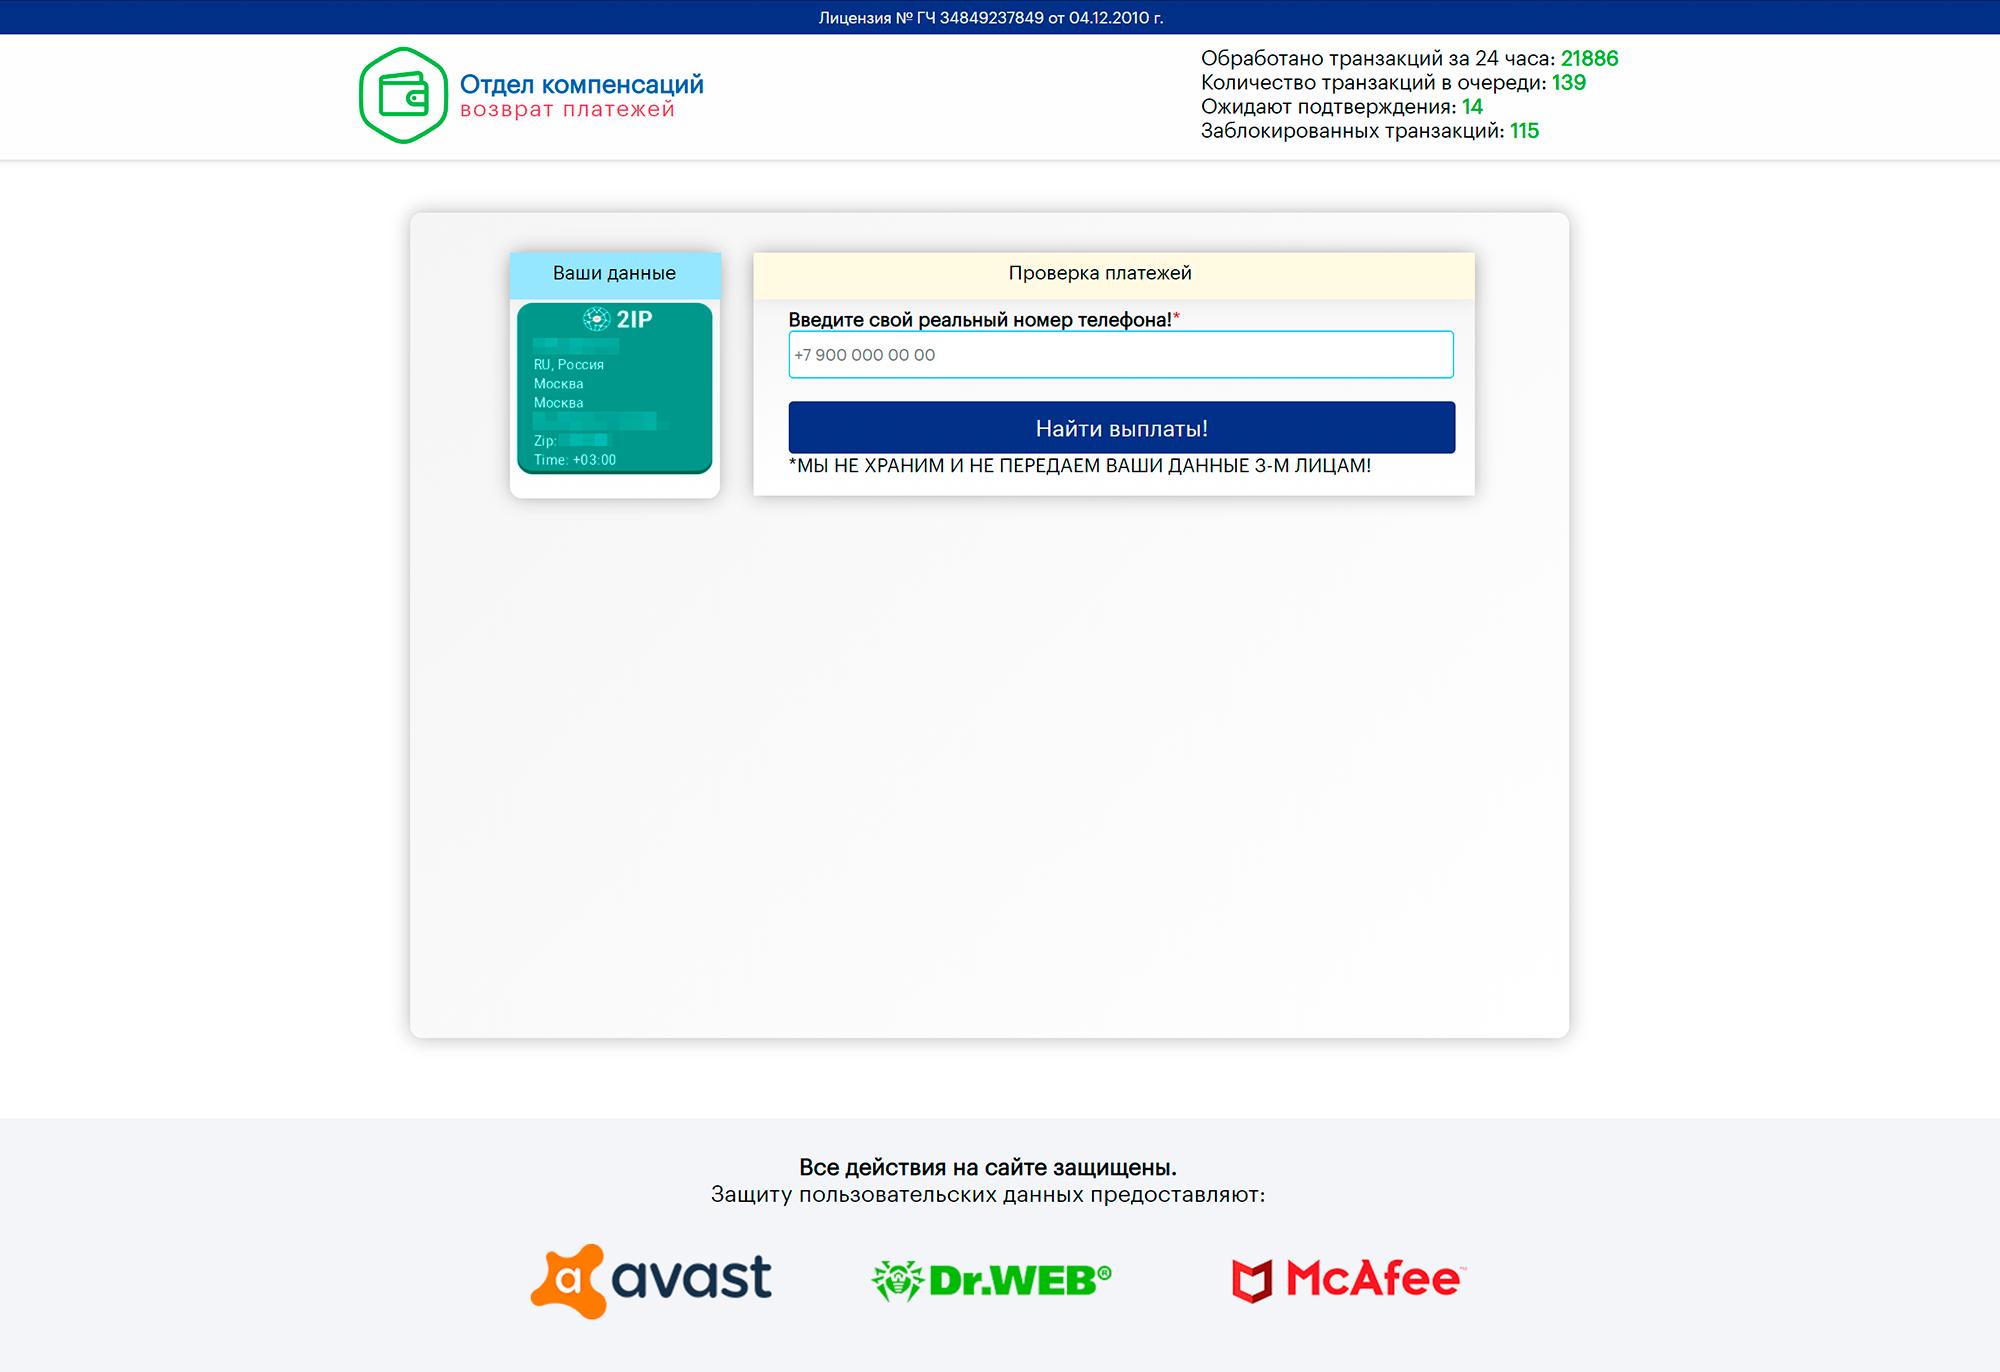 Сайт «Отдел компенсаций» доказывает свою надежность тем, что проверен лучшими антивирусами интернета. Я ввел телефон +7 999 123-45-67, и оказалось, что владельцу положены 143 тысячи рублей. Счастливчик!